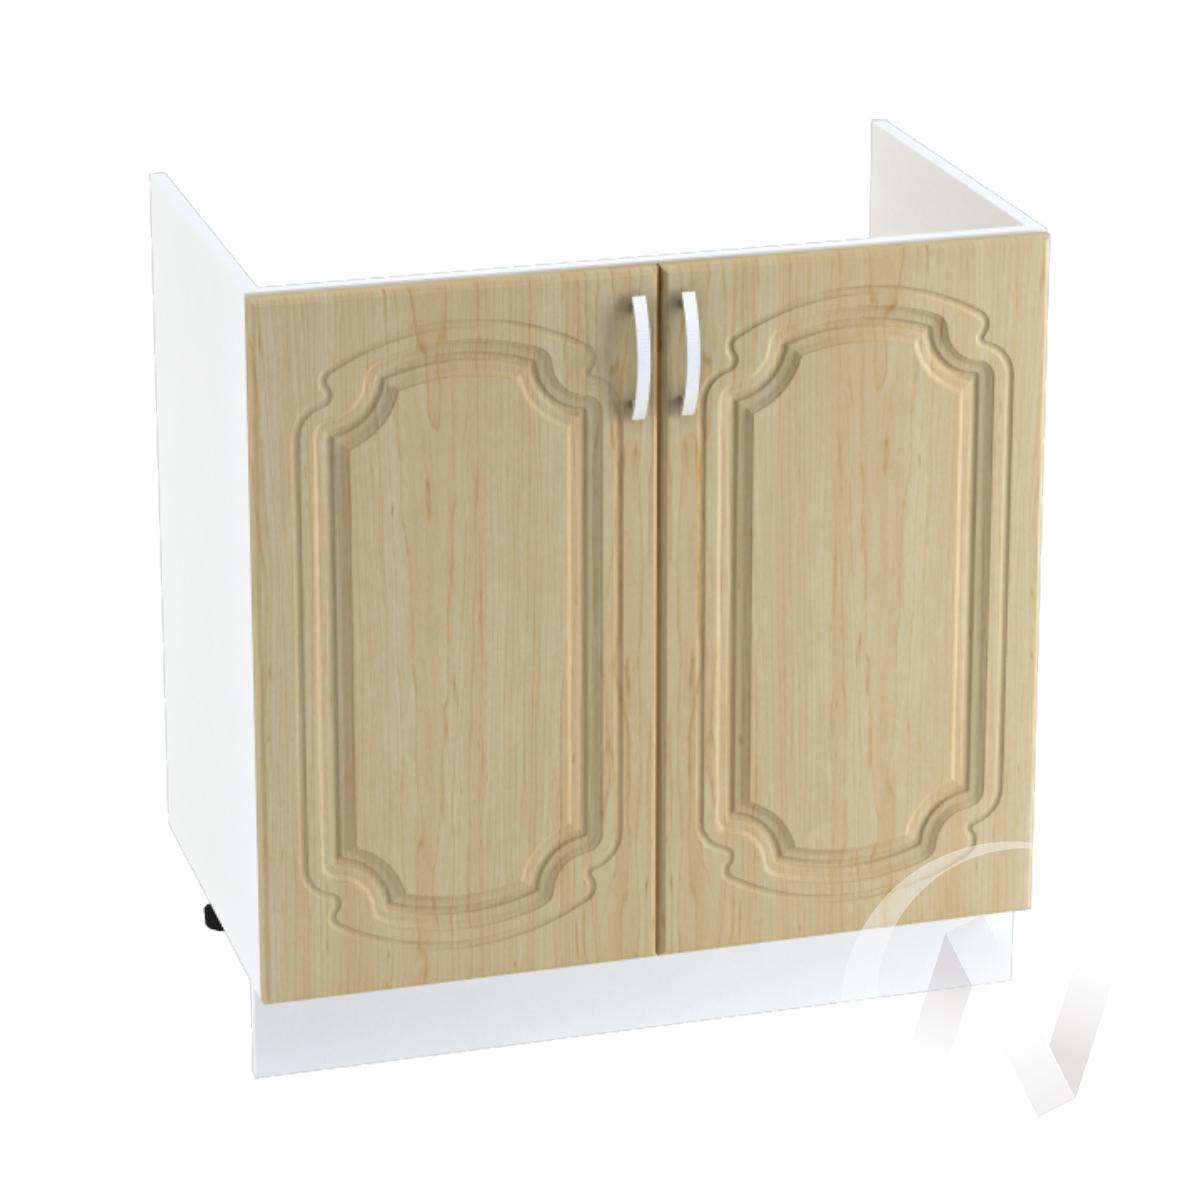 """Кухня """"Настя"""": Шкаф нижний под мойку 800, ШНМ 800 (Береза/корпус белый)"""